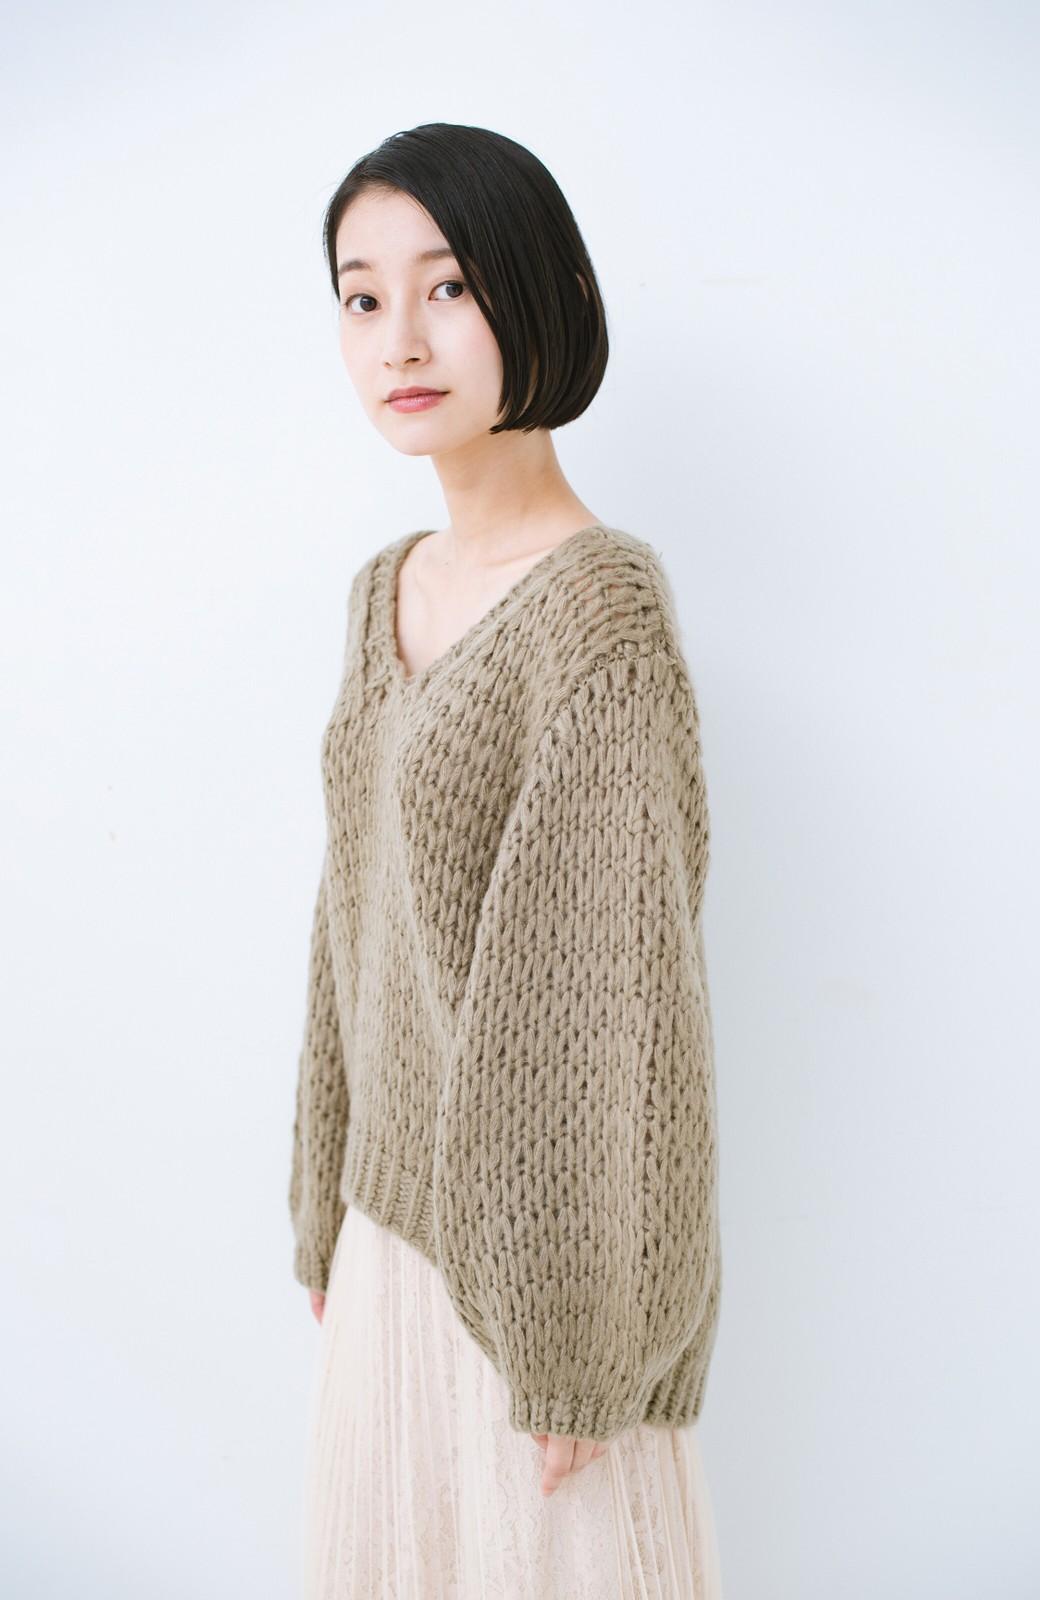 haco! 手編み風のざっくり感で女っぽい Vネックの甘編みルーズニット <グレイッシュベージュ>の商品写真11